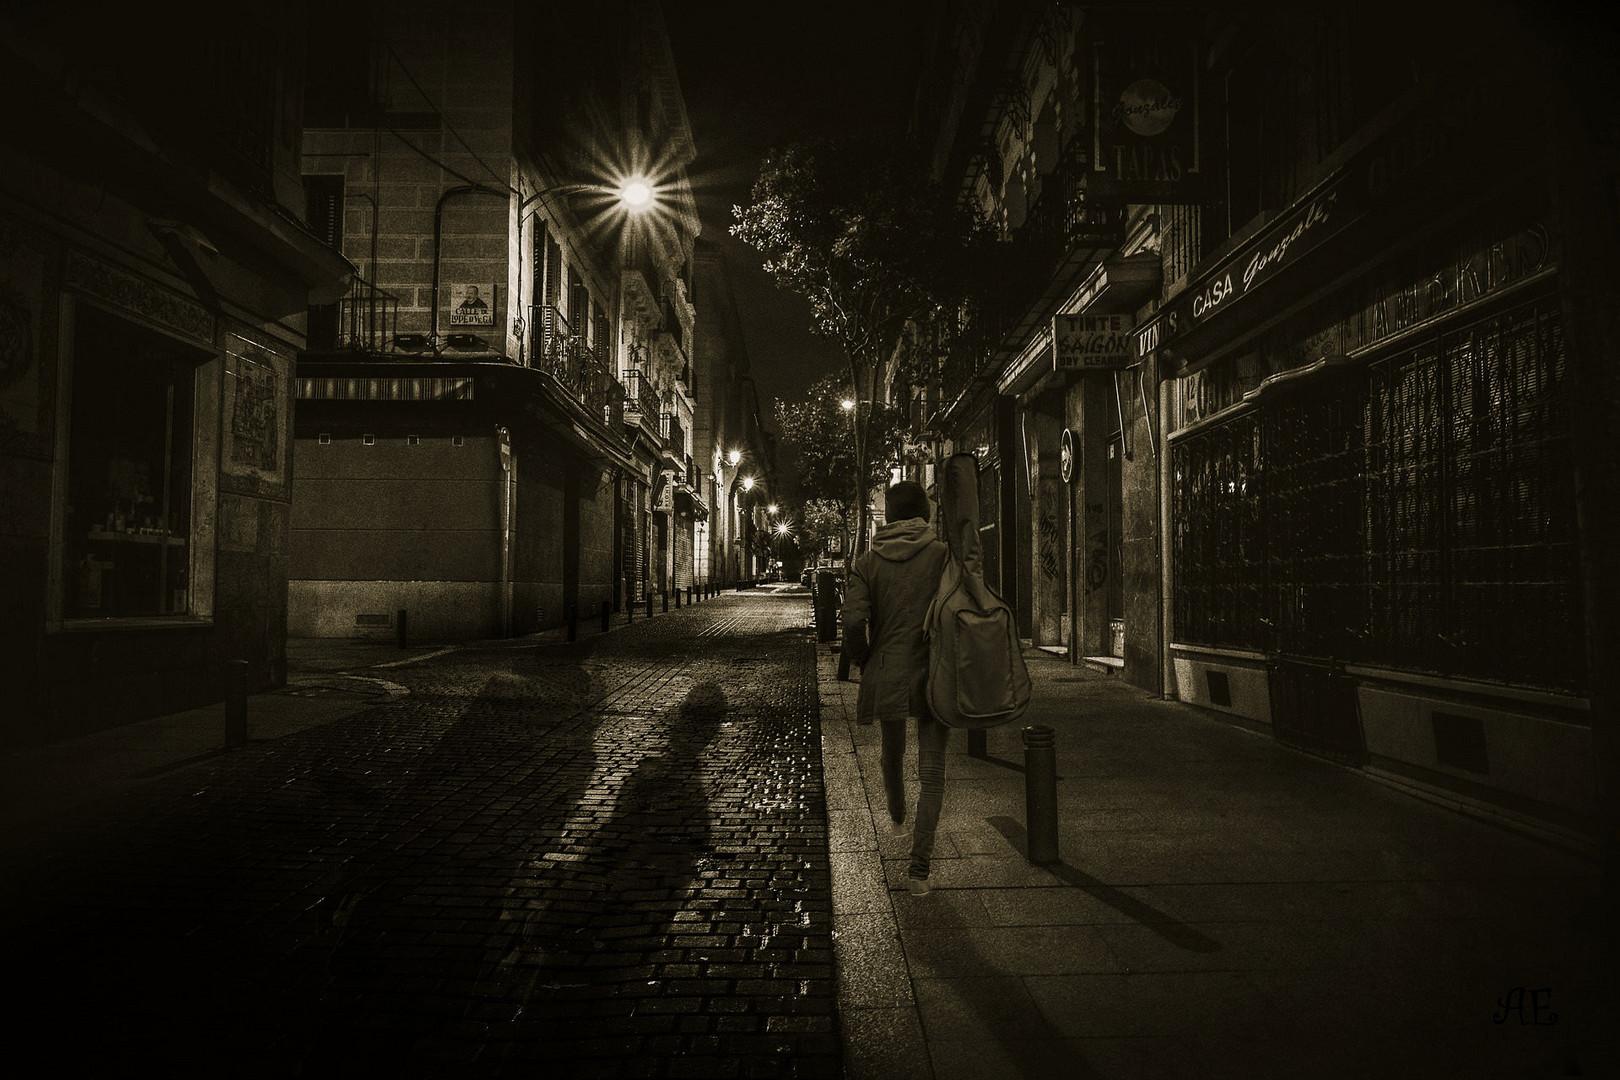 Dreh dich nicht um nach fremden Schatten......